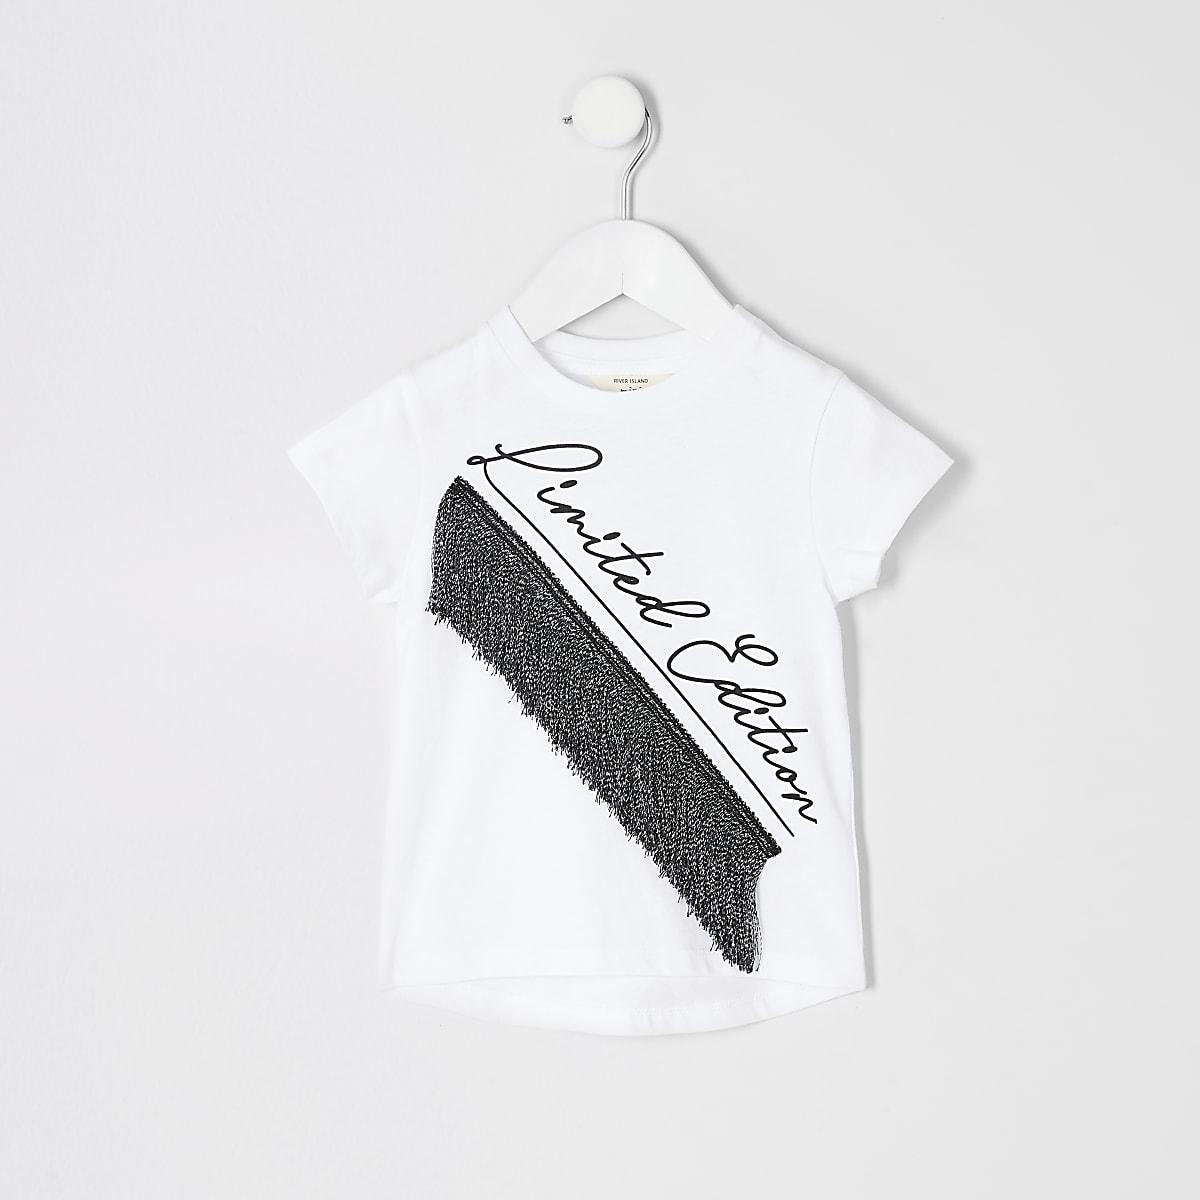 Mini - T-shirt met kwastjes en 'limited edition'-tekst voor meisjes